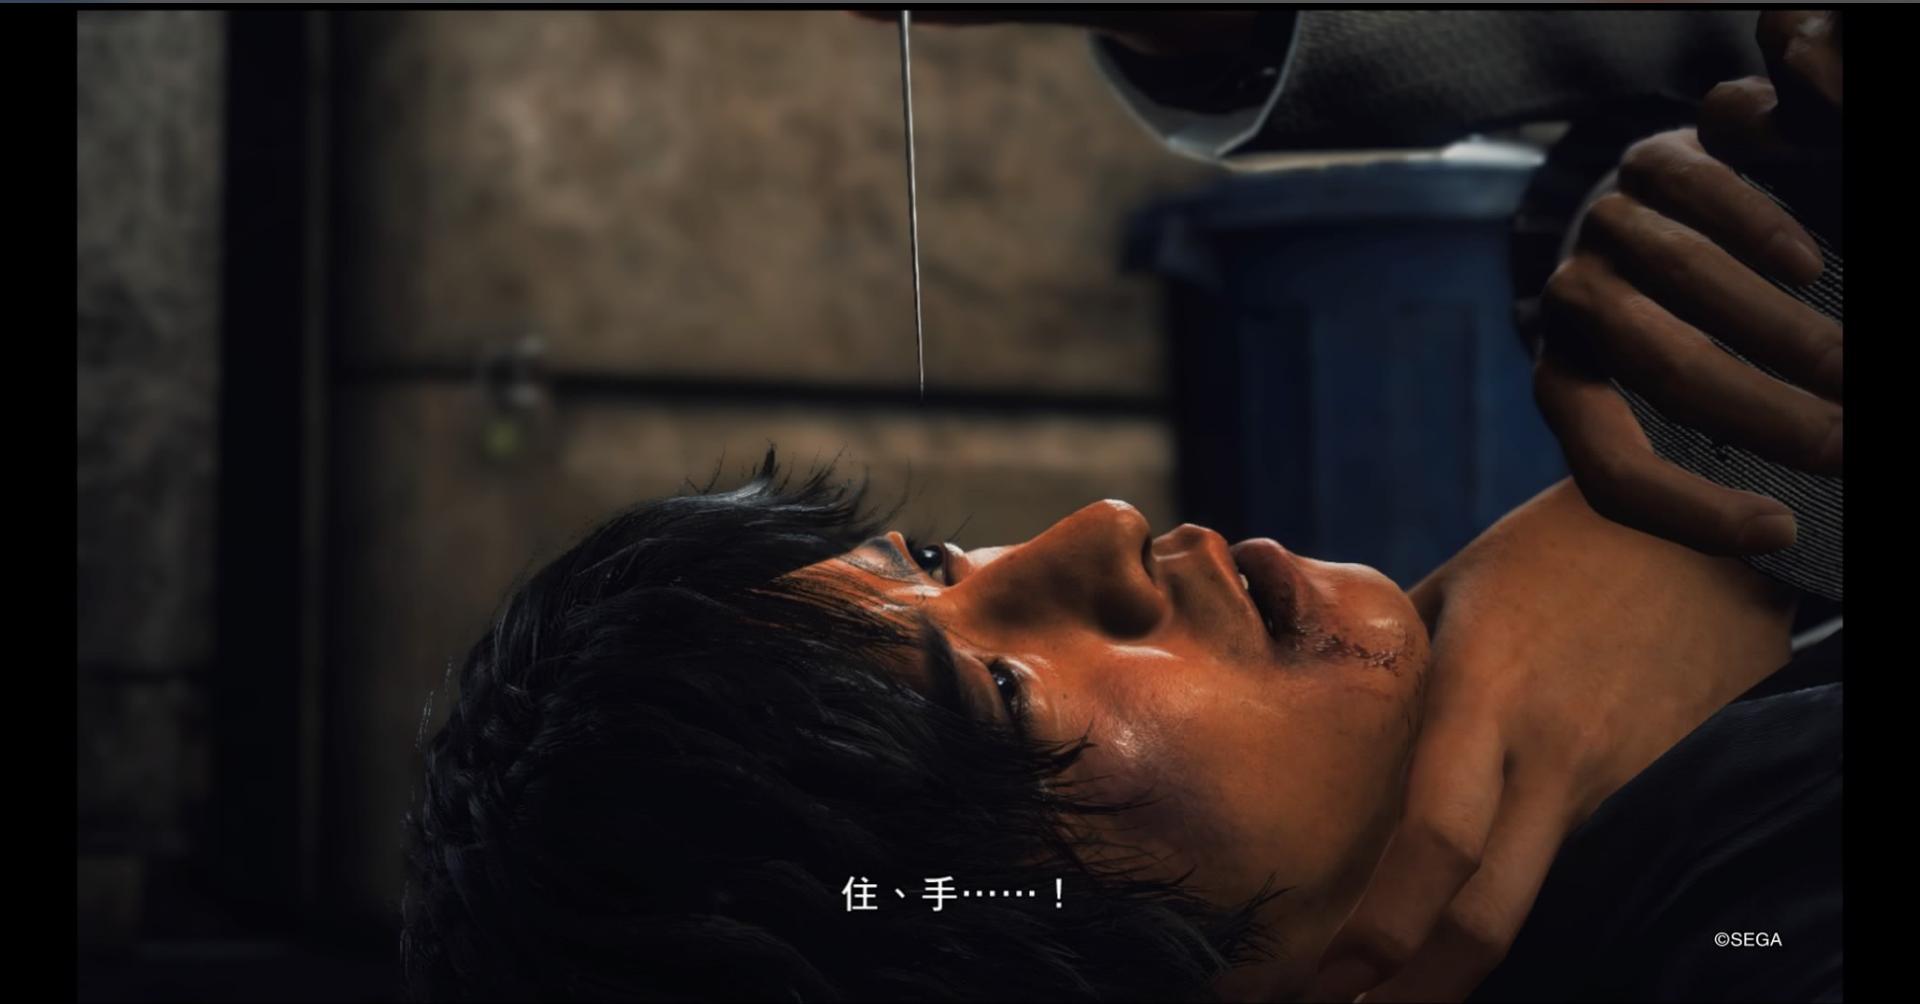 《审判之眼:死神的遗言》评测:电影般的游戏体验